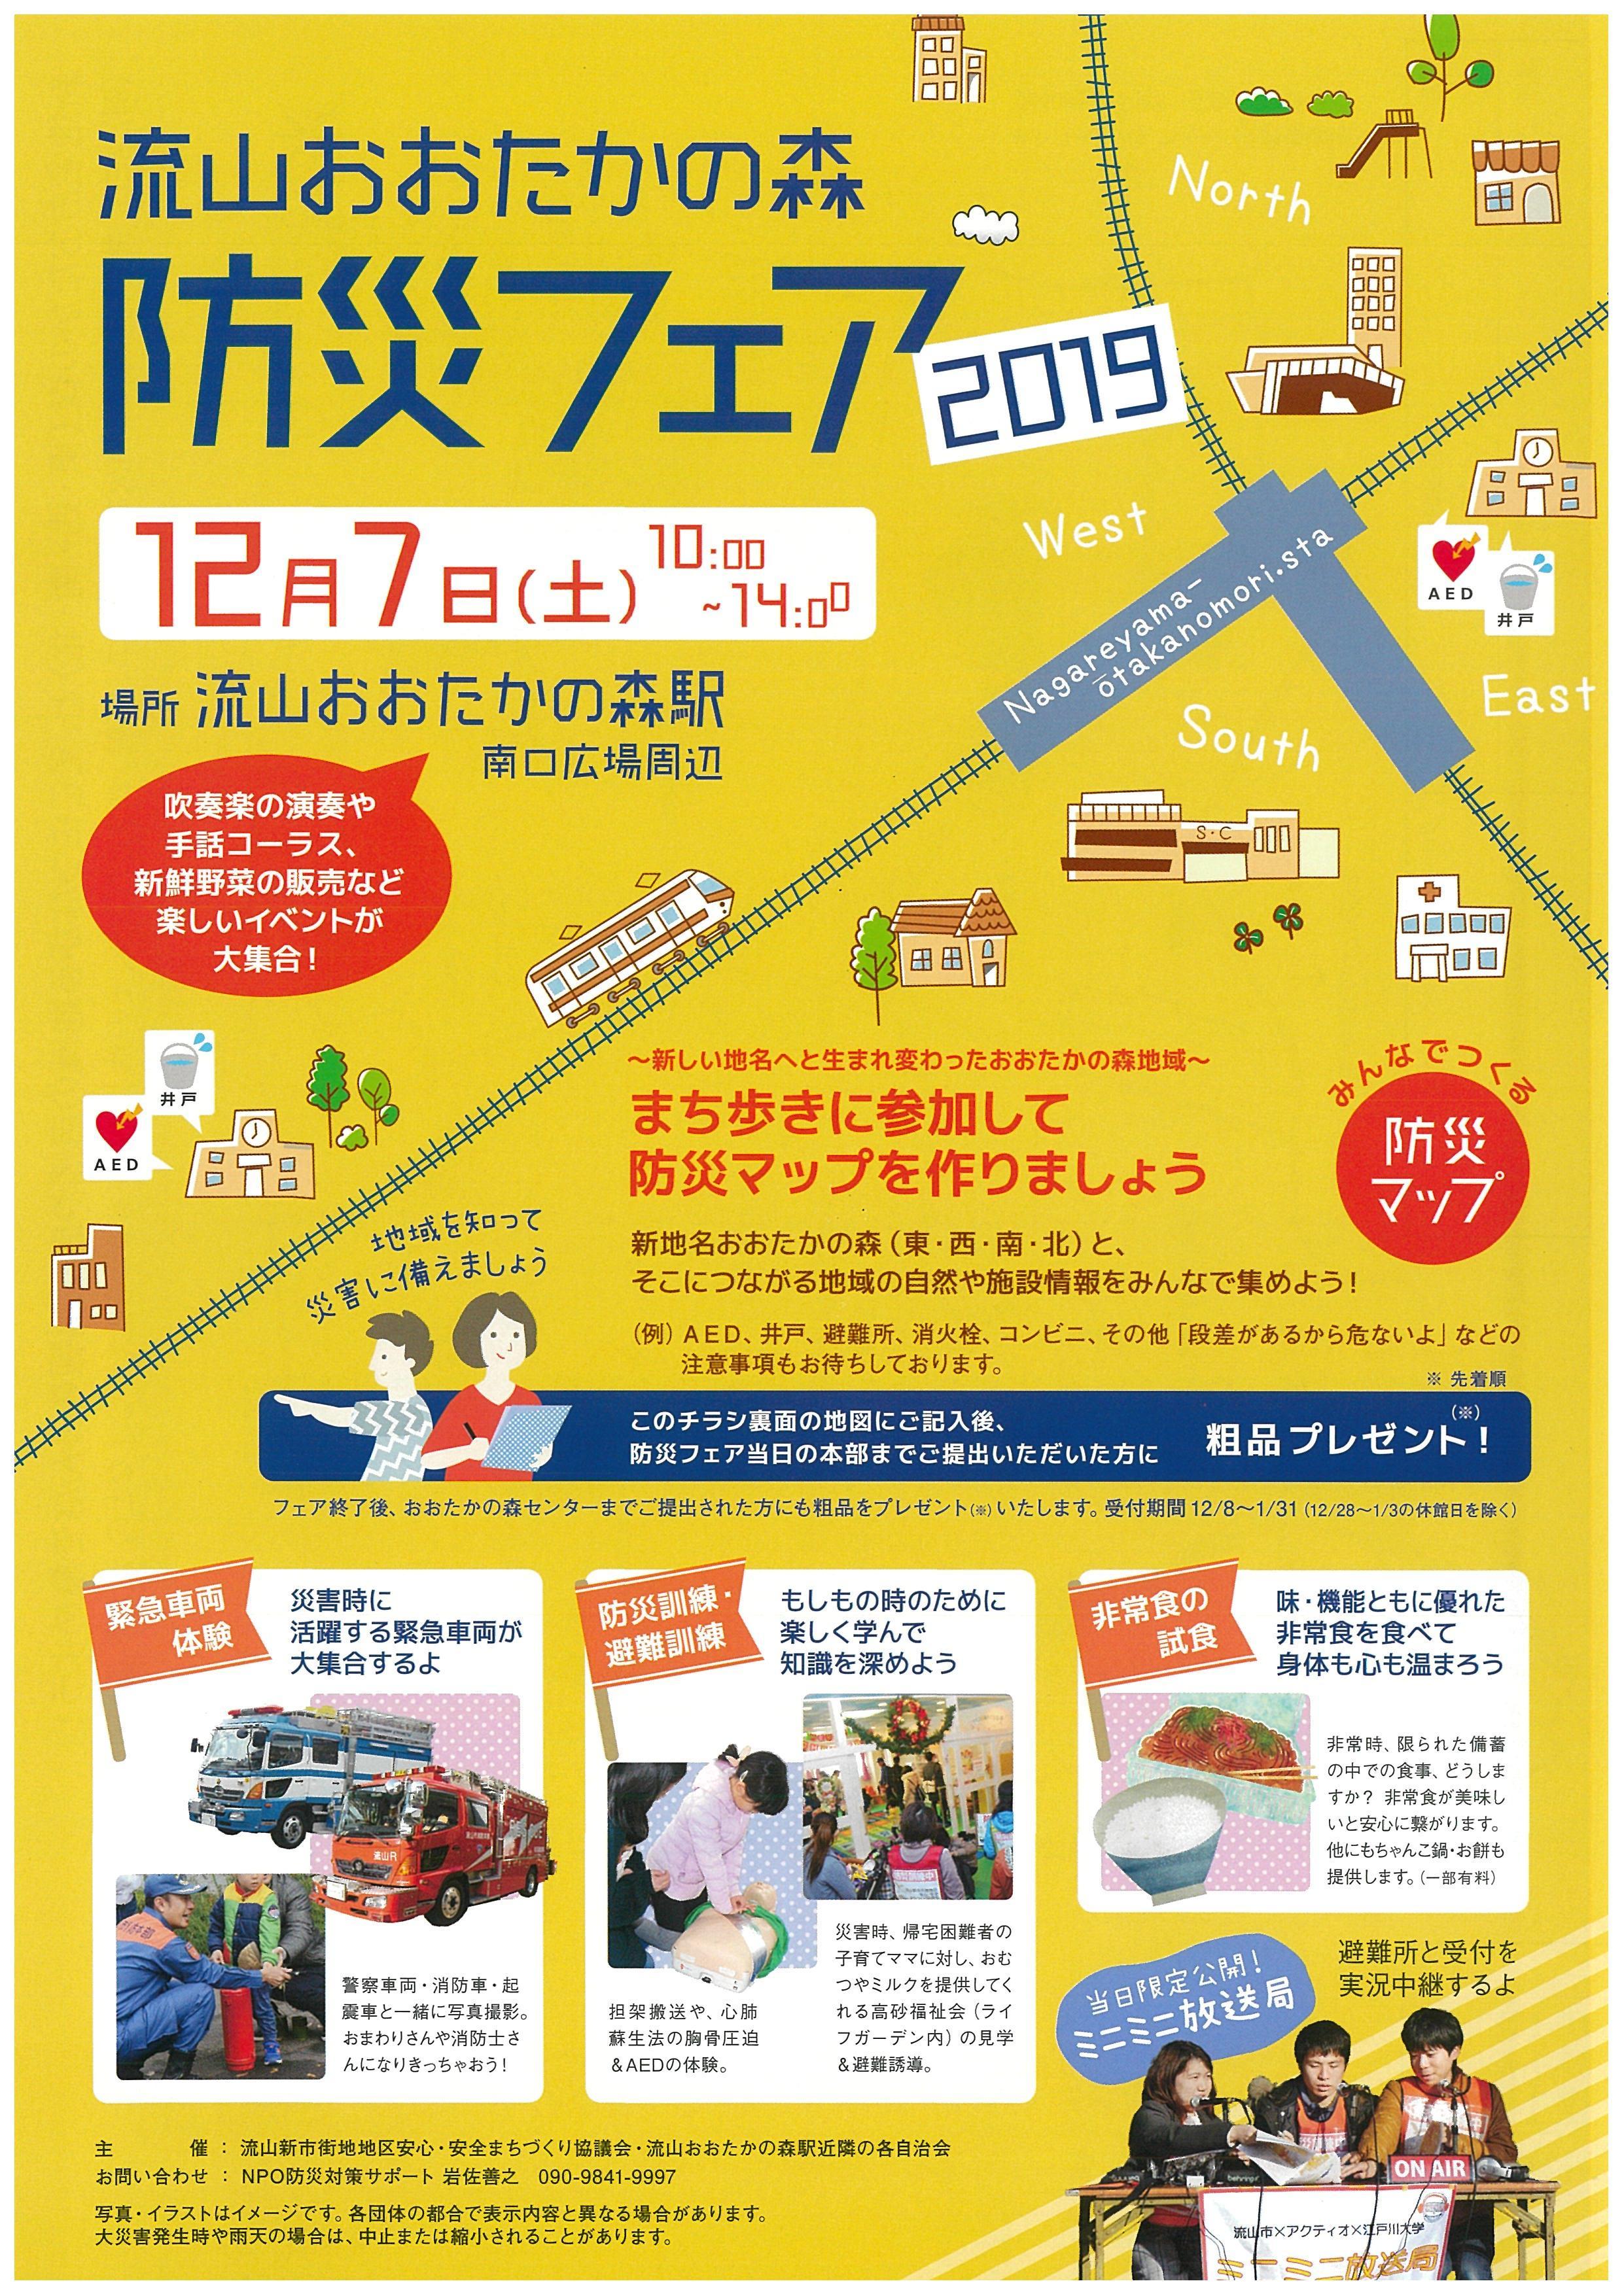 江戸川大学の学生が12月7日の「流山おおたかの森防災フェア2019」に参加 -- 運営全般の手伝いやイベントの様子の実況中継などで協力